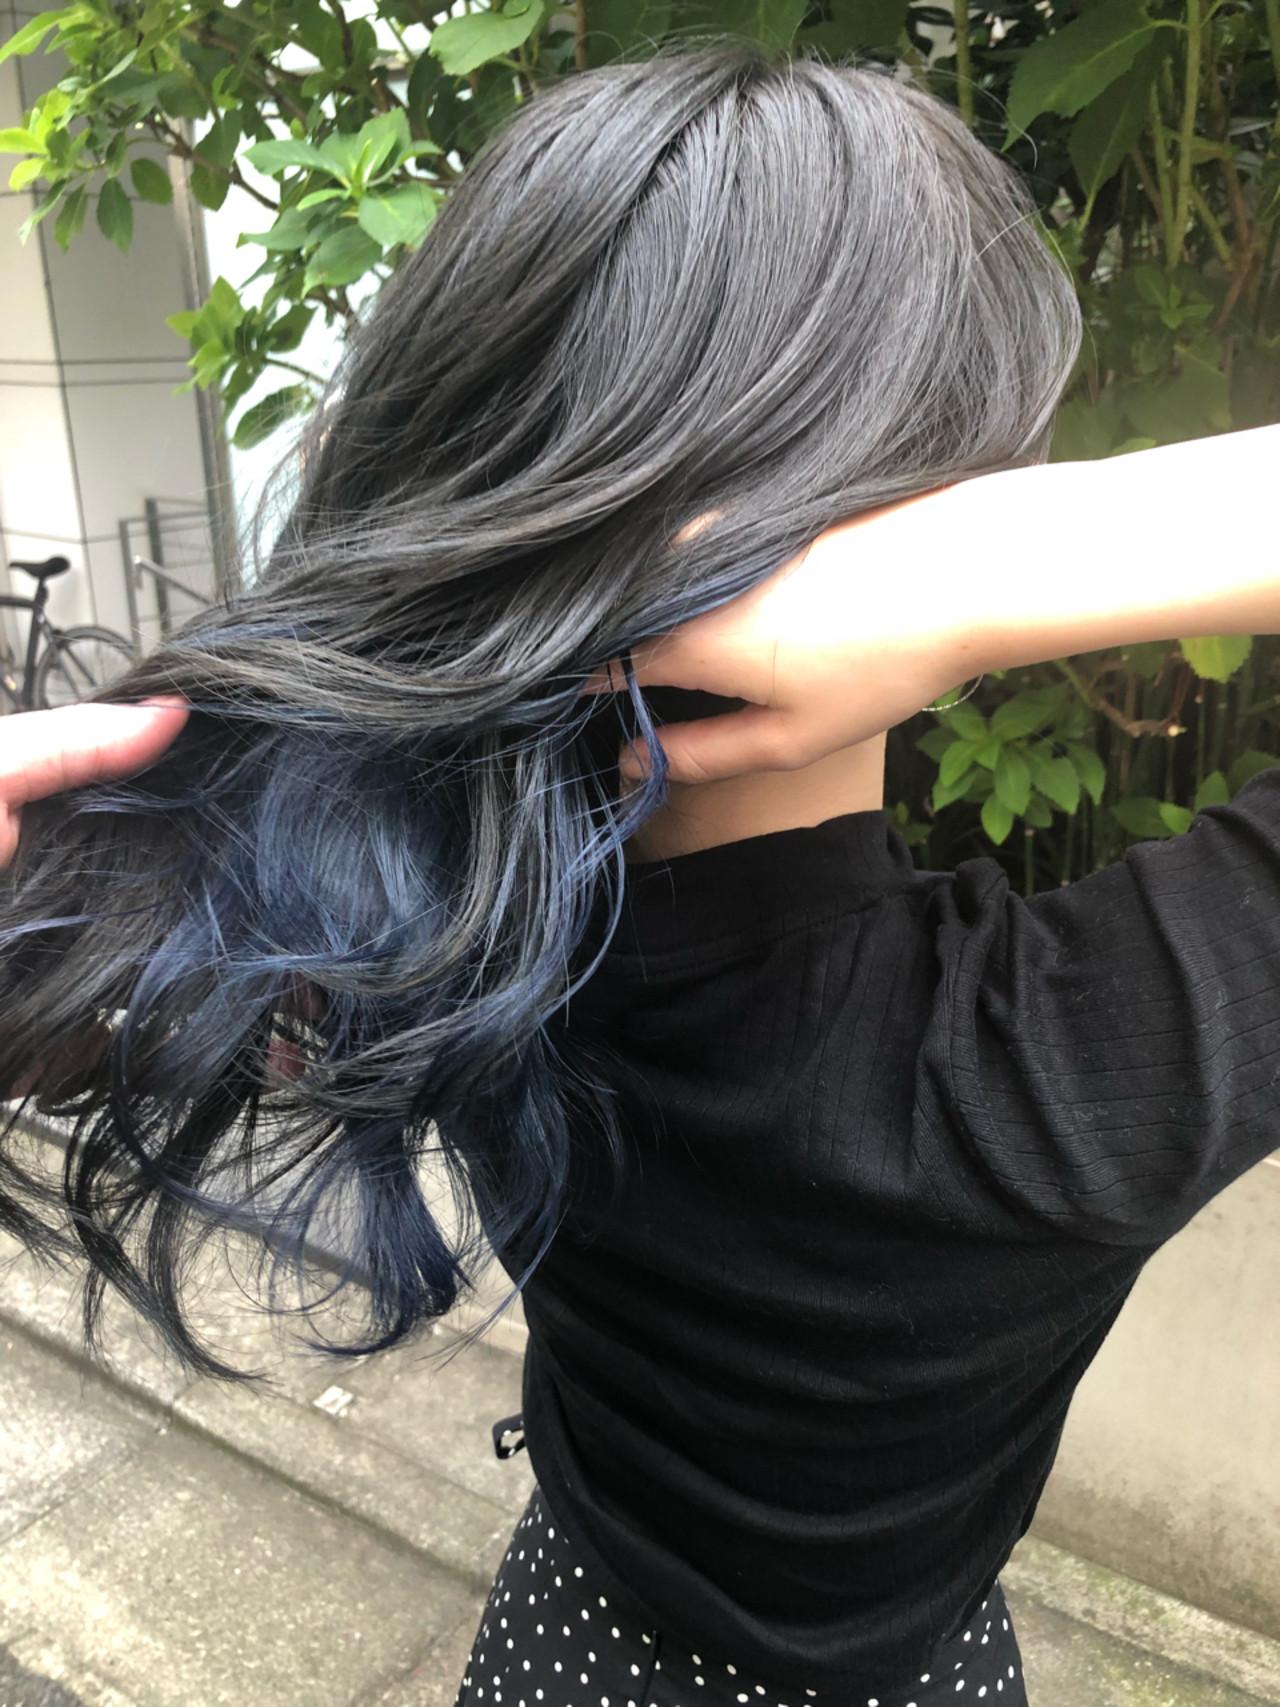 アンニュイ ハイライト ナチュラル グラデーションカラー ヘアスタイルや髪型の写真・画像 | スガ シュンスケ / Tierra (ティエラ)